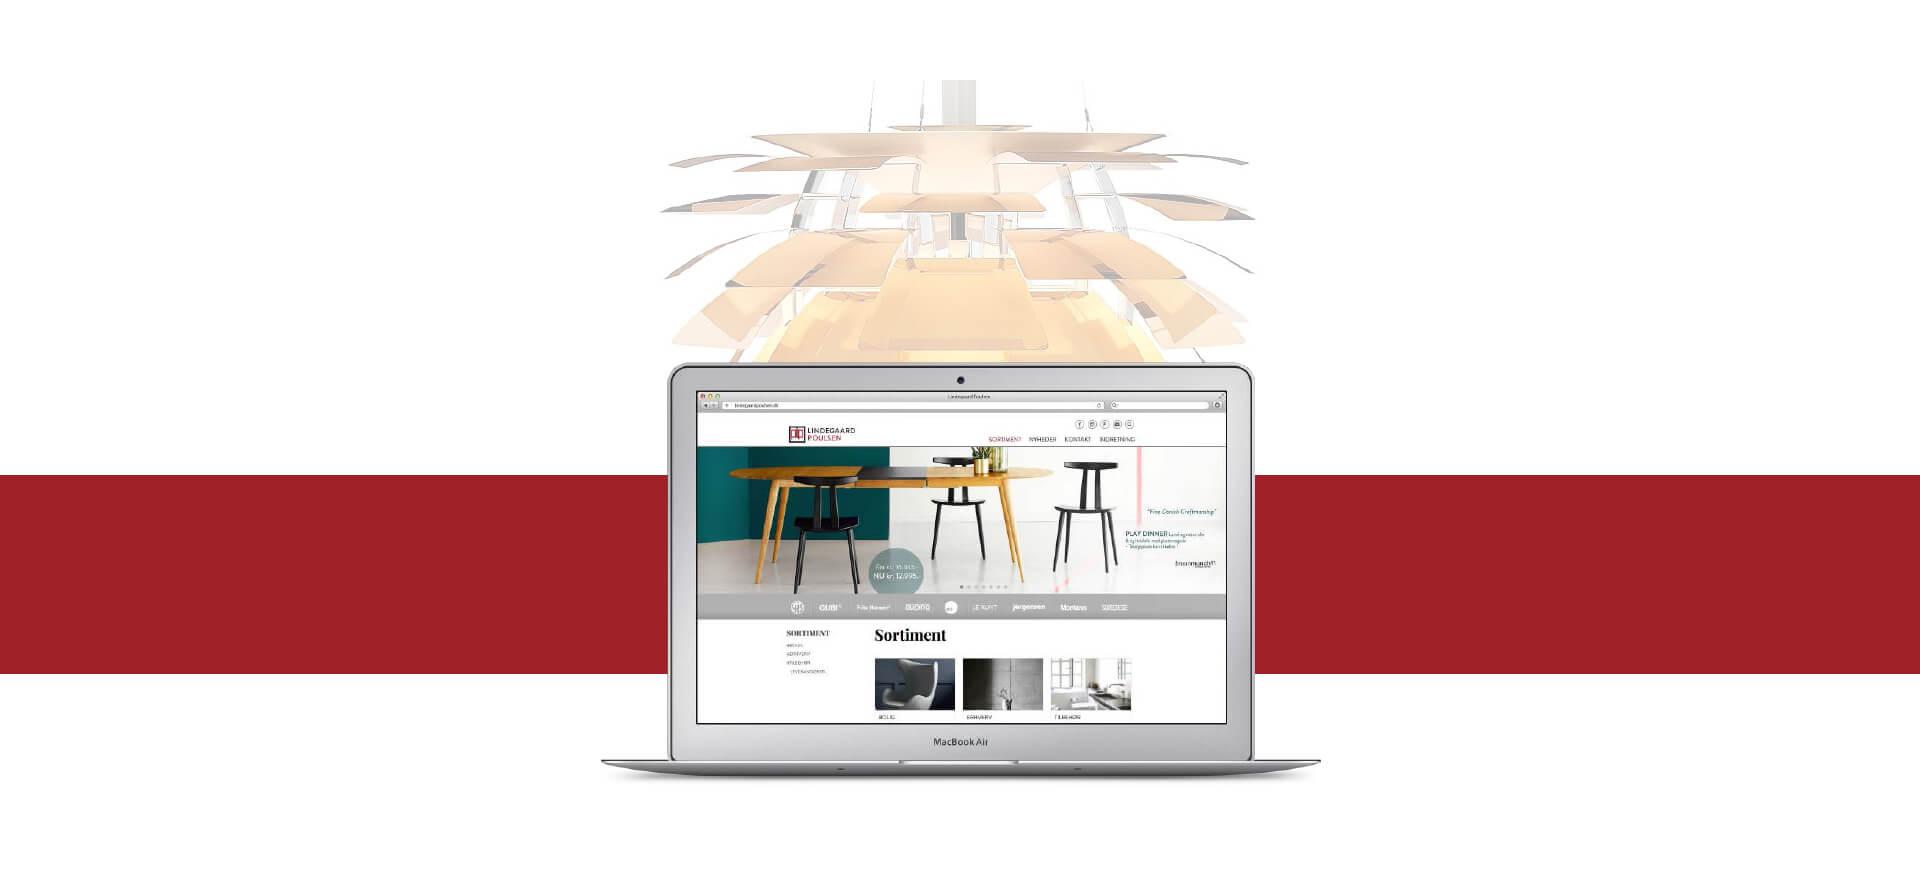 Digitalt_bureau_i_aarhus_bureau_billigt_lokalt_marketing_udvikling_hjemmesider_dansk